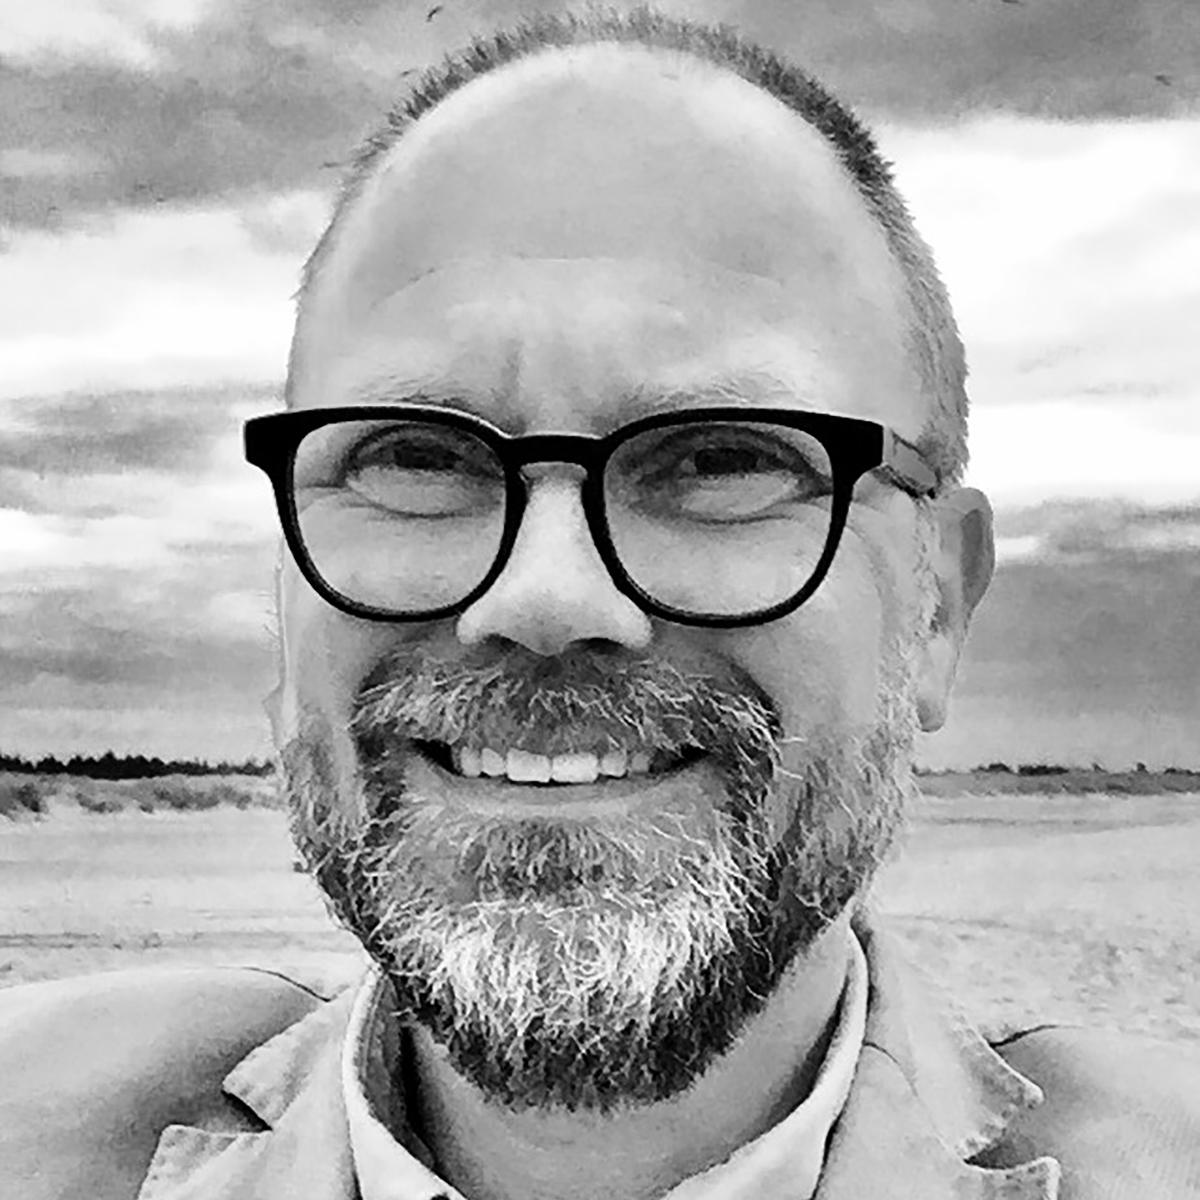 Karsten Mungo Madsen